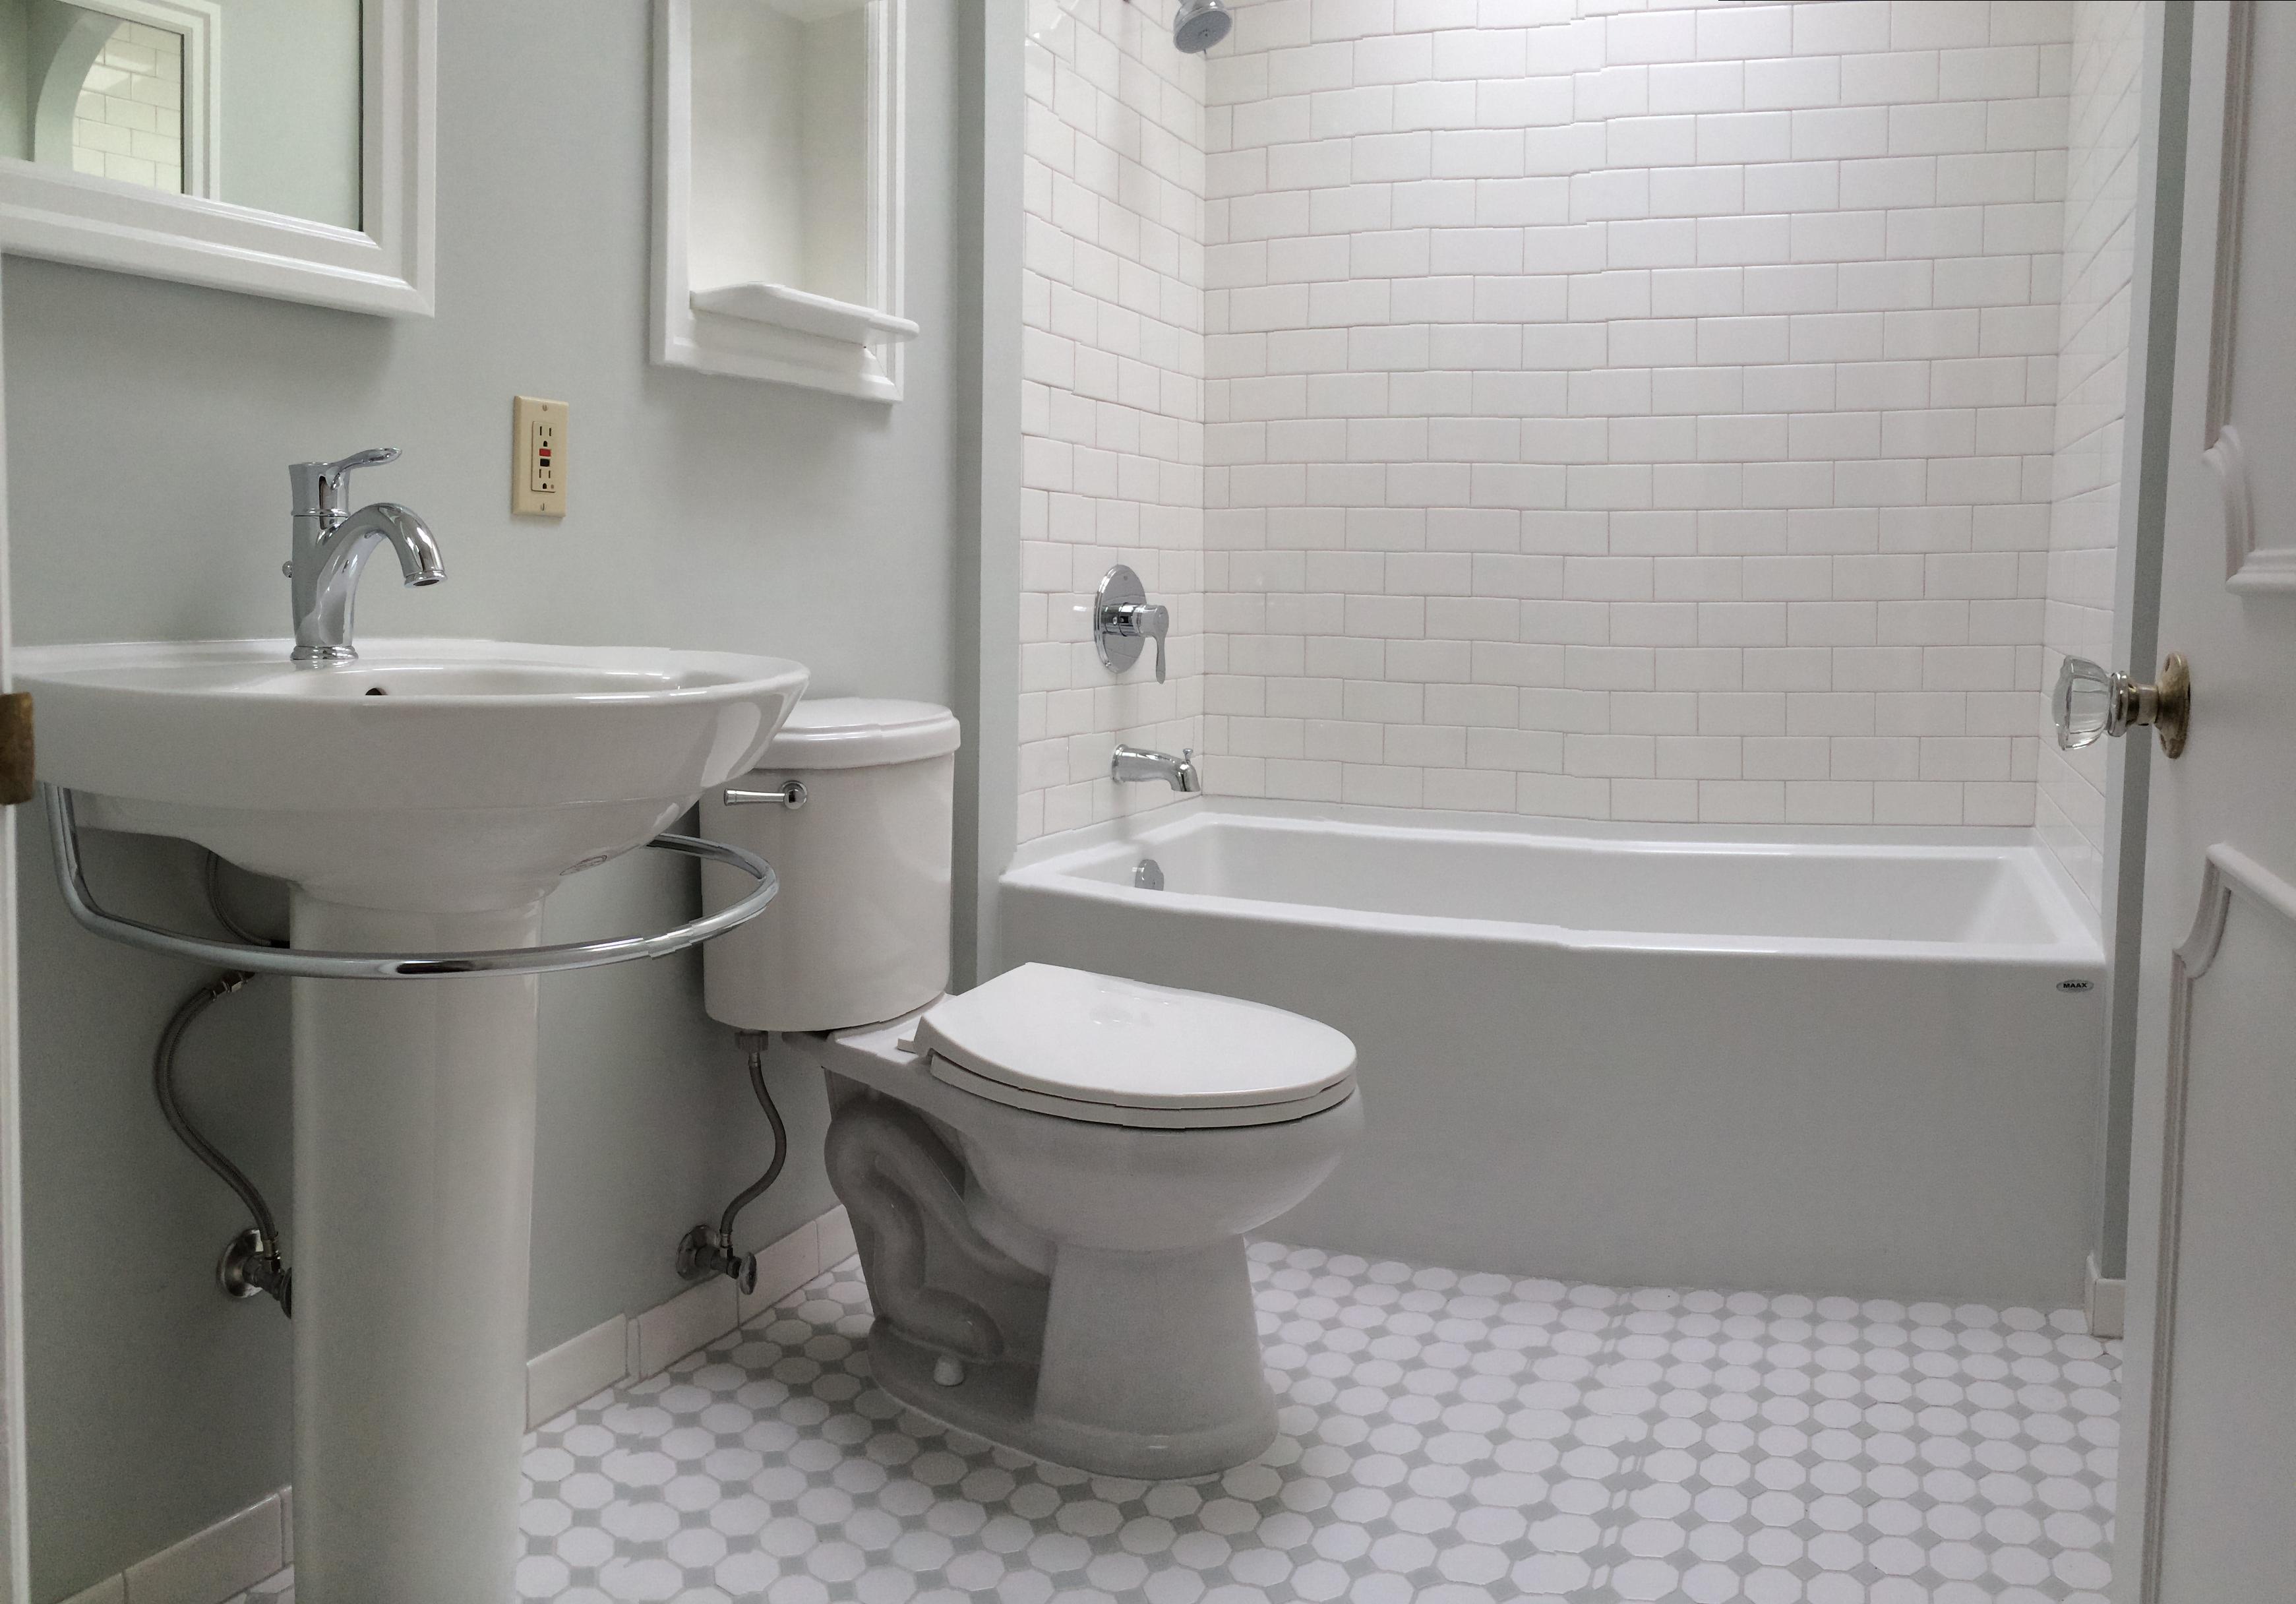 New Plumbing Fixtures